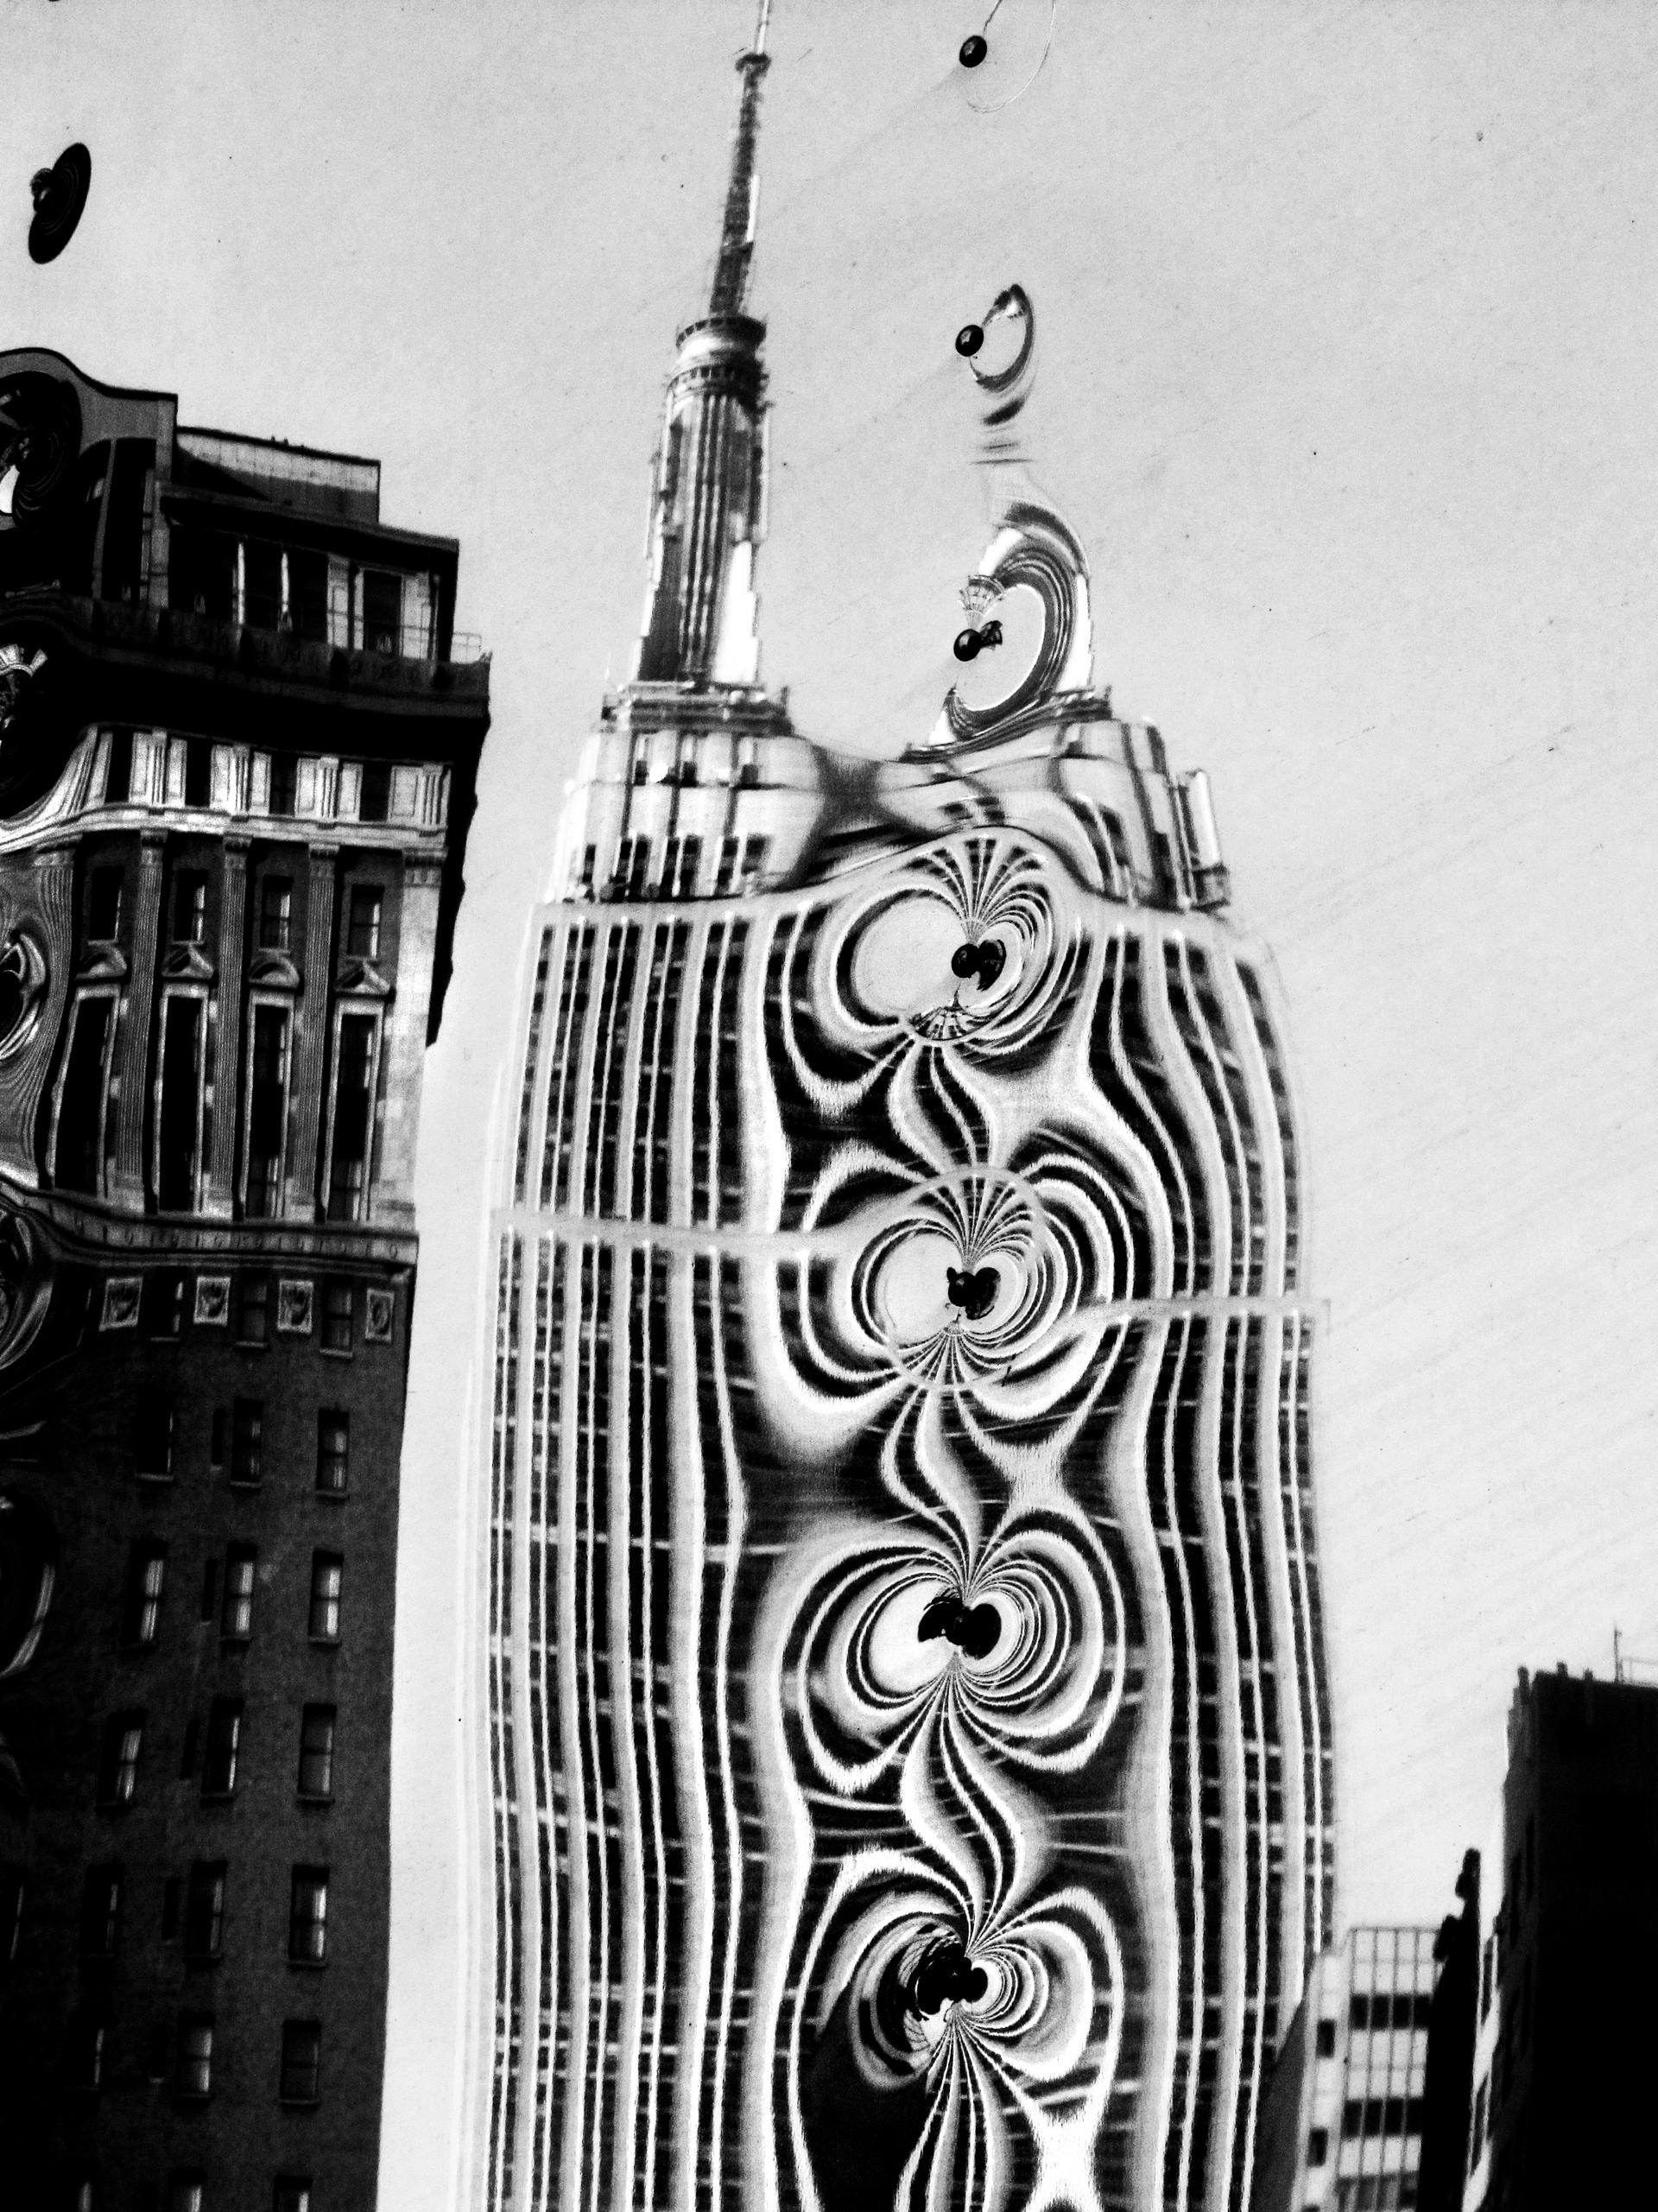 Edificio Empire State, Nueva York, Estados Unidos, 2015. Toma digital